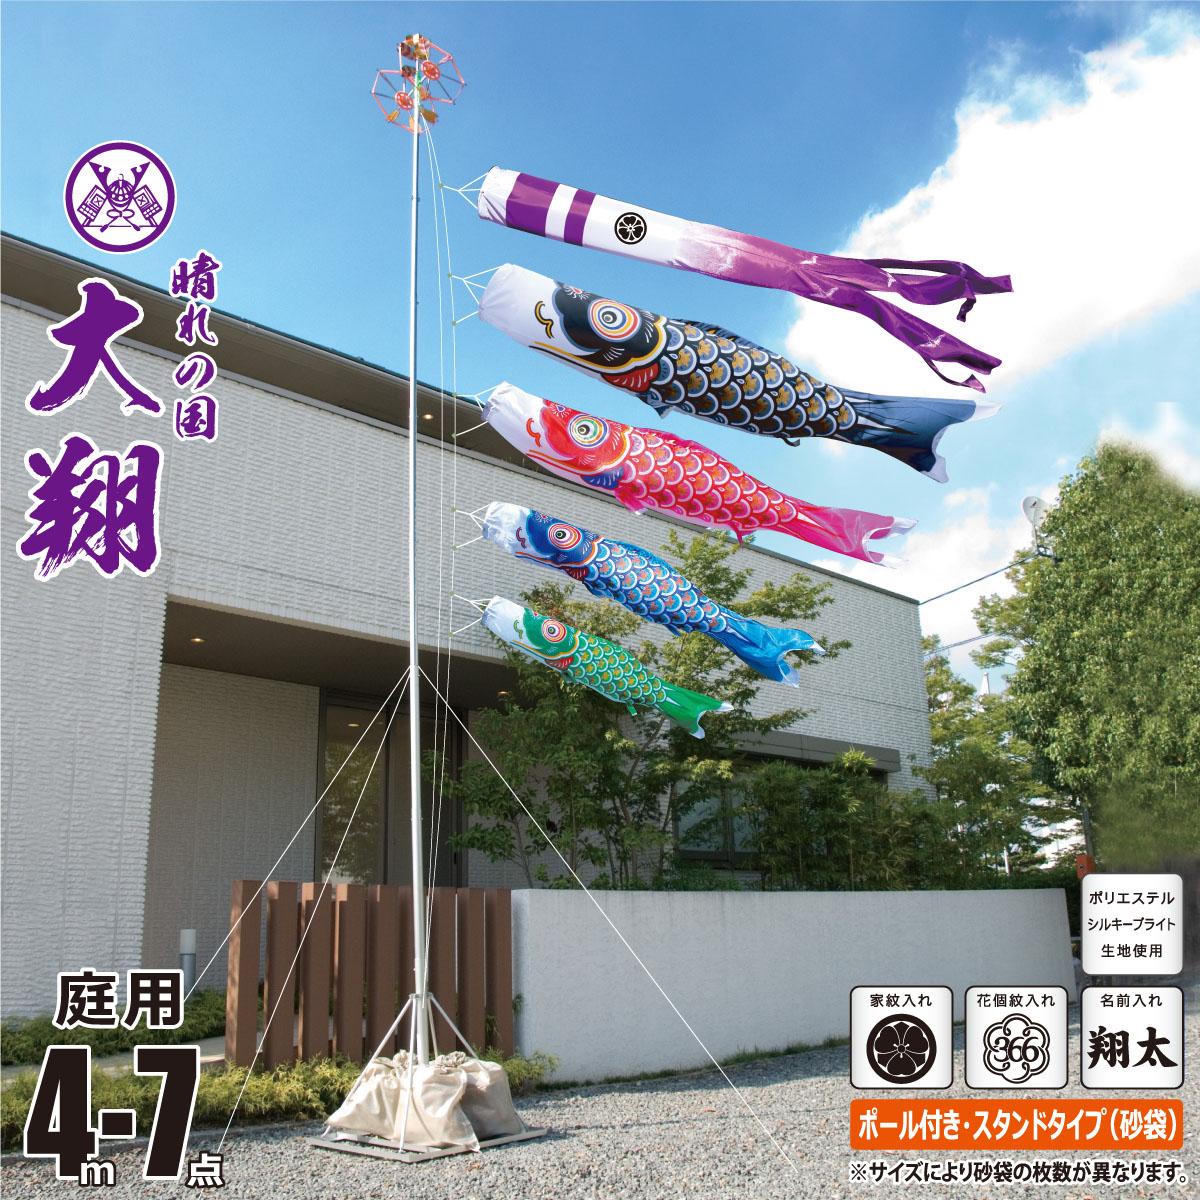 こいのぼり 4m 大翔 7点 (矢車、ロープ、吹流し、鯉4匹) 庭園用 スタンドセット (庭用 スタンド 砂袋6枚入り) 徳永鯉のぼり KIT-003-891